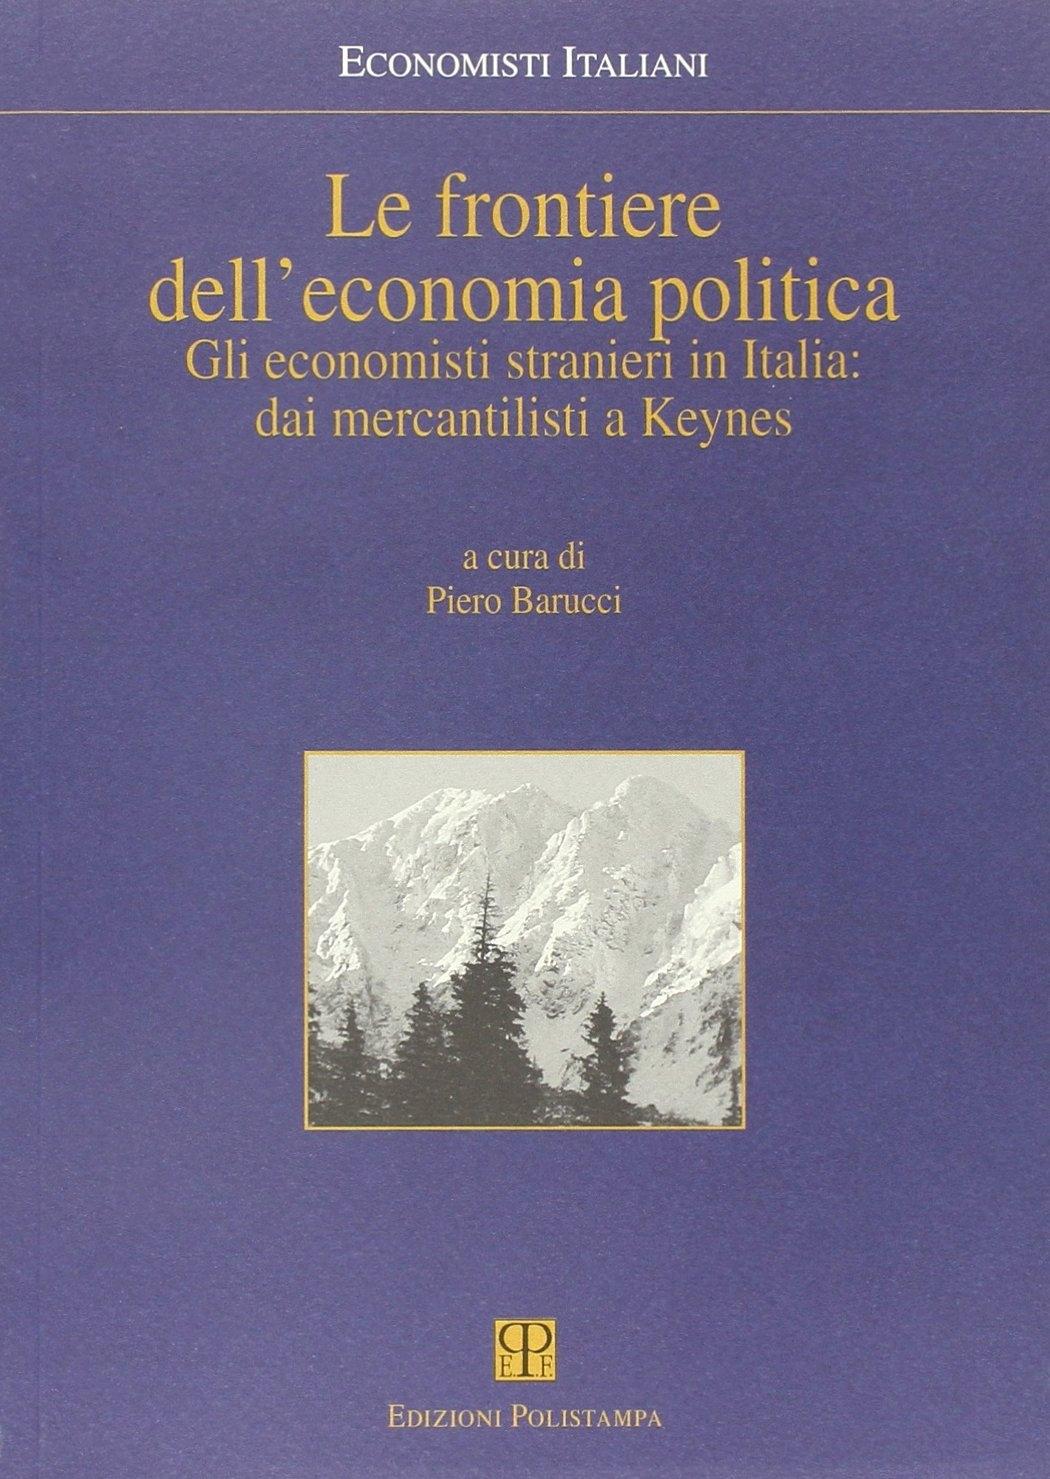 Le frontiere dell'economia politica. Gli economisti stranieri in Italia: dai mercantilisti a Keynes